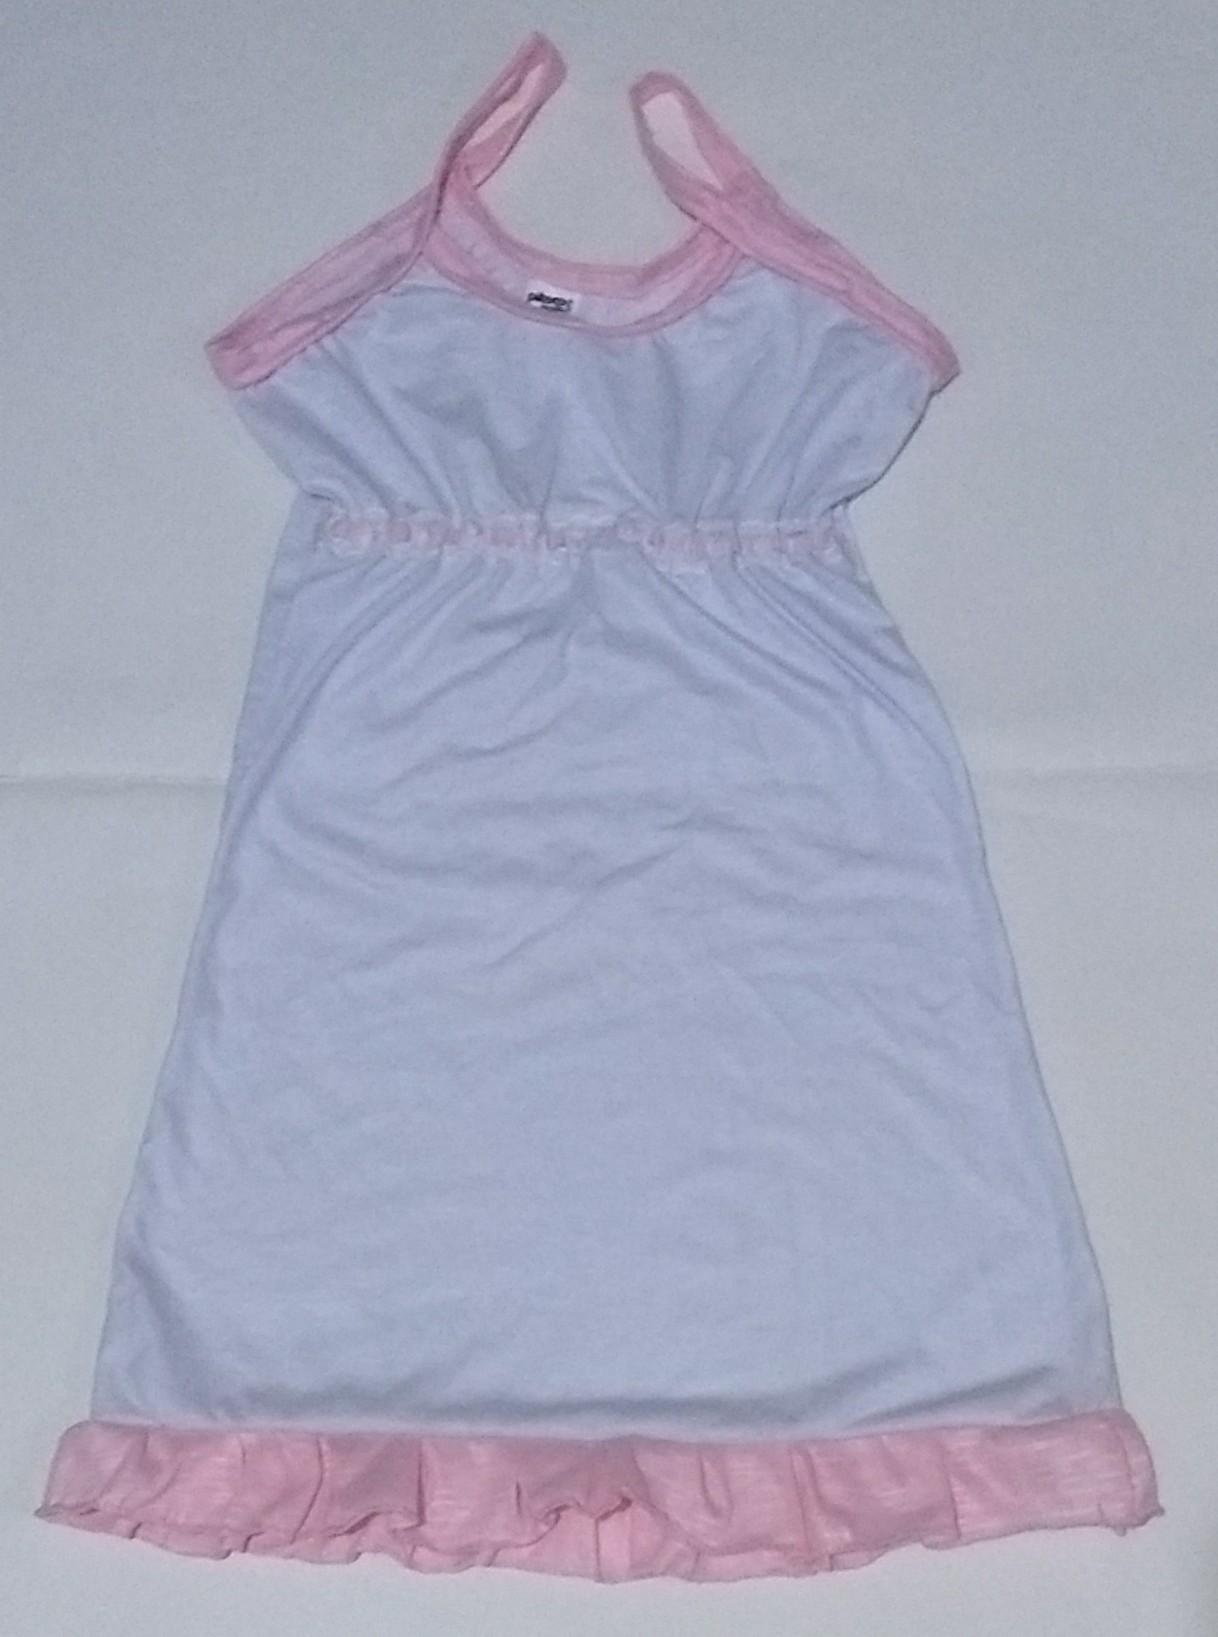 b579cf9ea Camisola infantil lisa para sublimação no Elo7